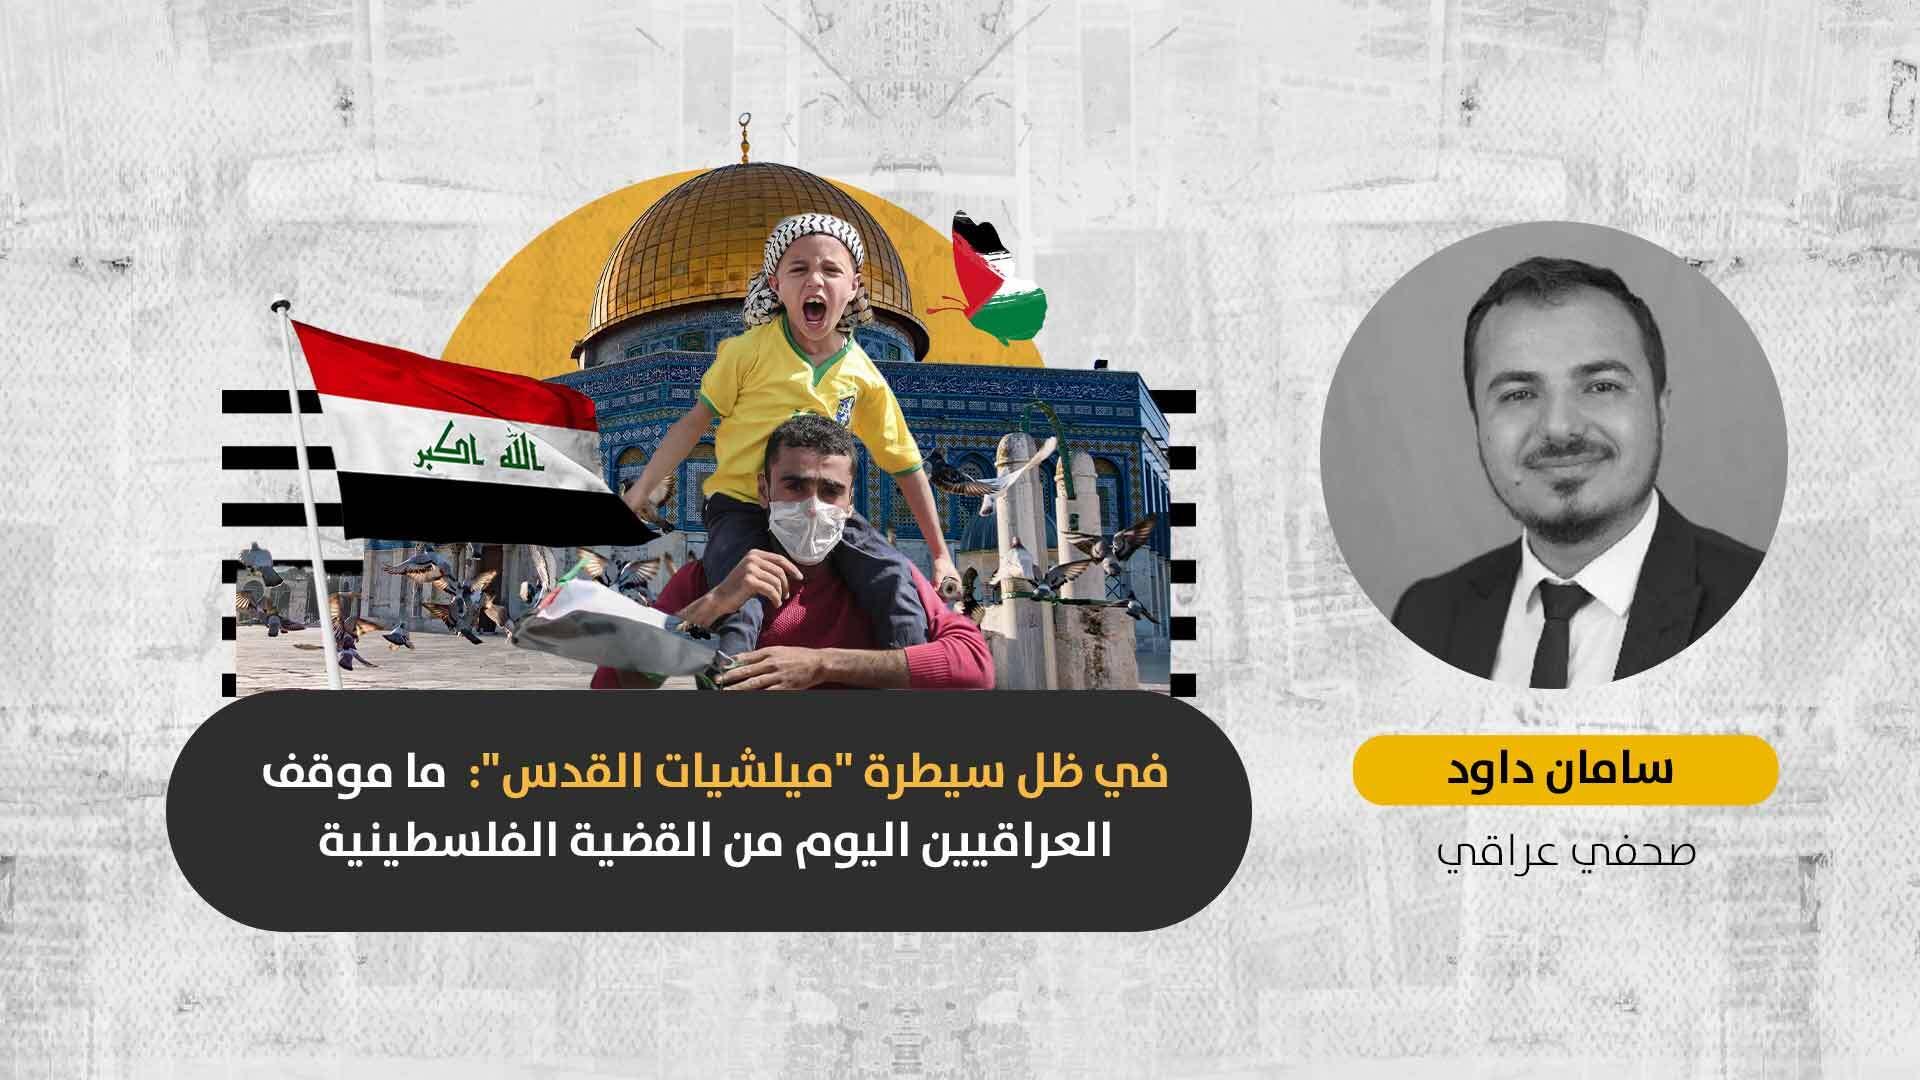 """وسط التضامن العالمي مع الفلسطينيين: هل ابتعد العراقيون عن """"القضية"""" بعد ممارسات نظام صدام حسين والميلشيات الموالية لإيران؟"""